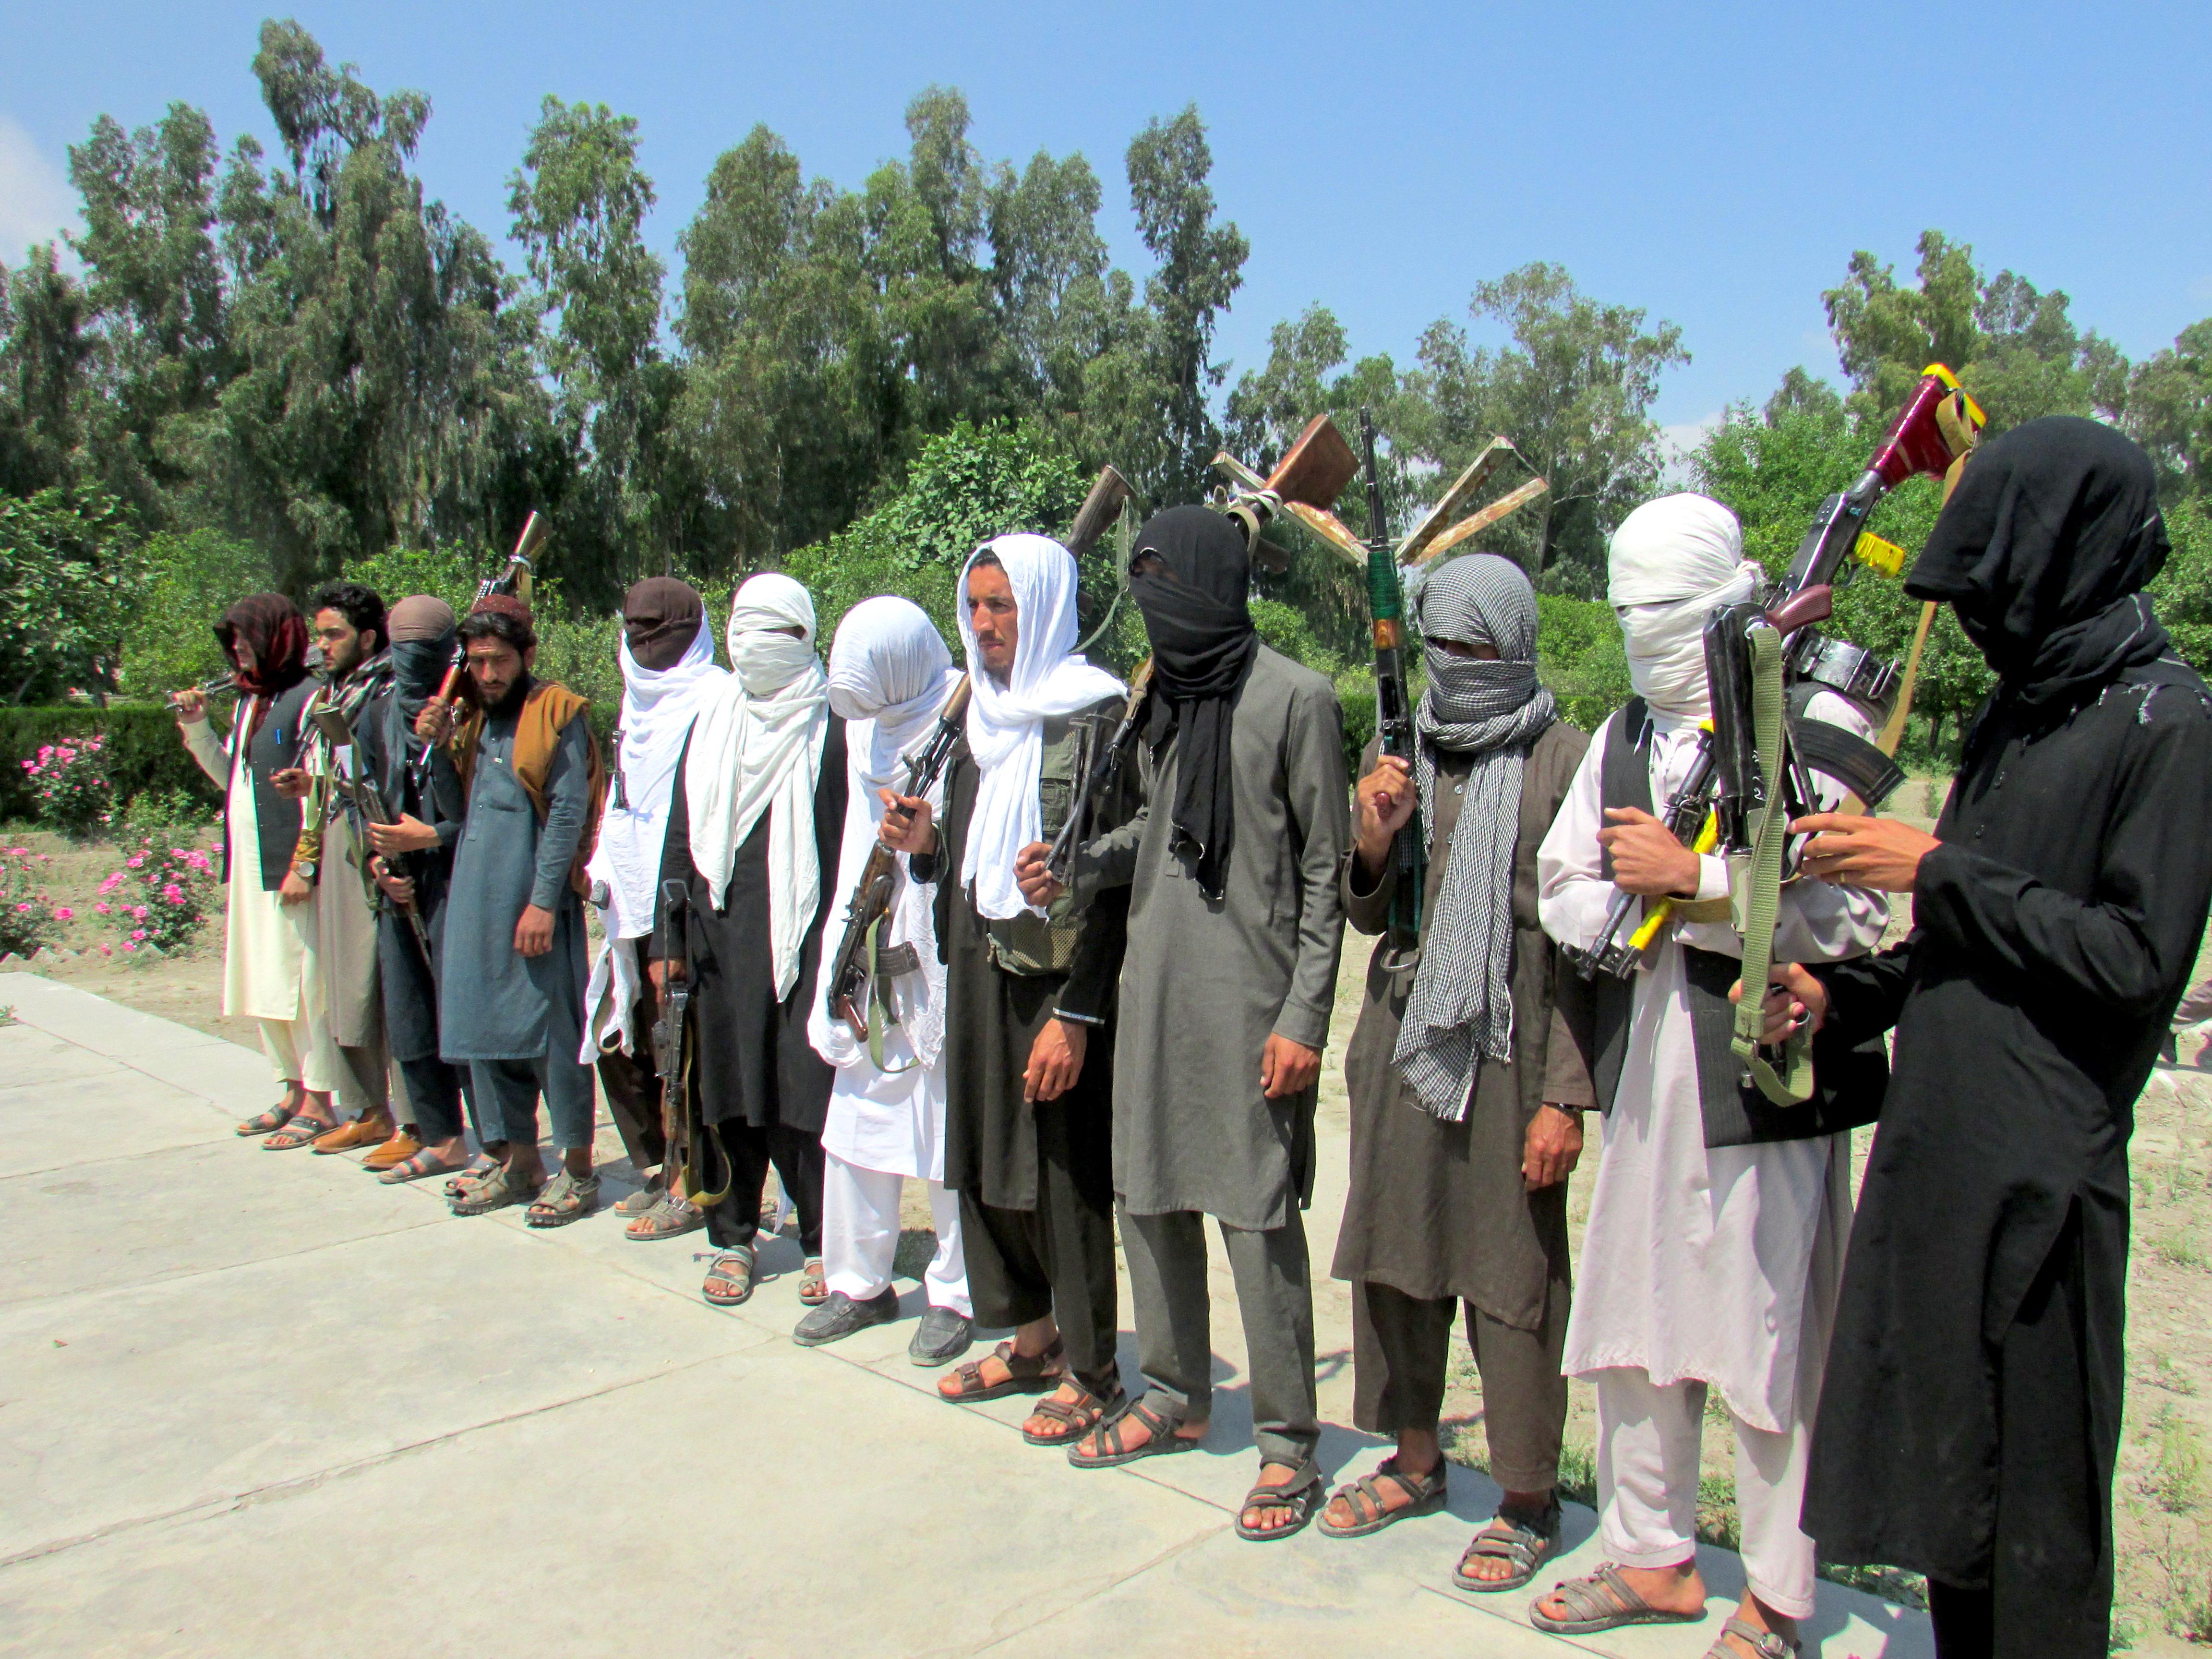 جنگجویان داعش و طالبان در ننگرهار به پروسه صلح یکجا می شوند